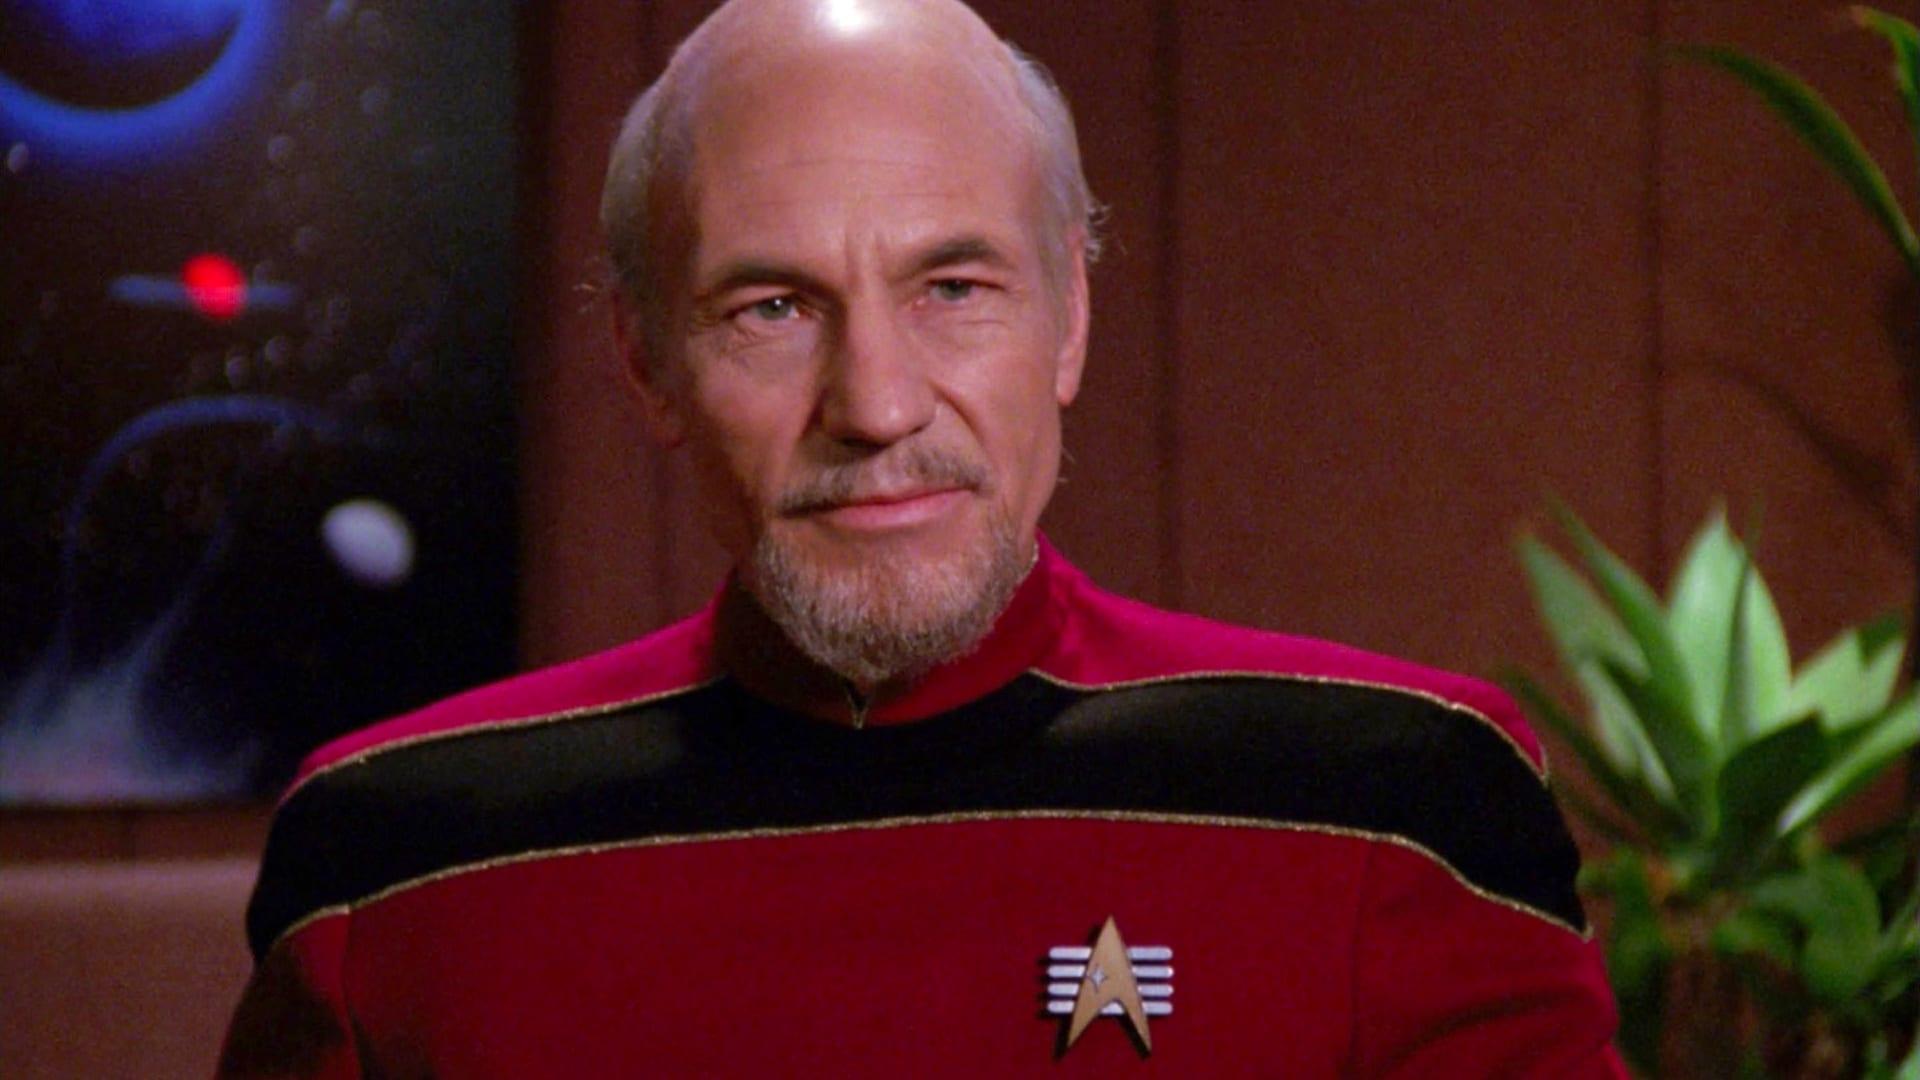 Star Trek Picard update, Episode Count